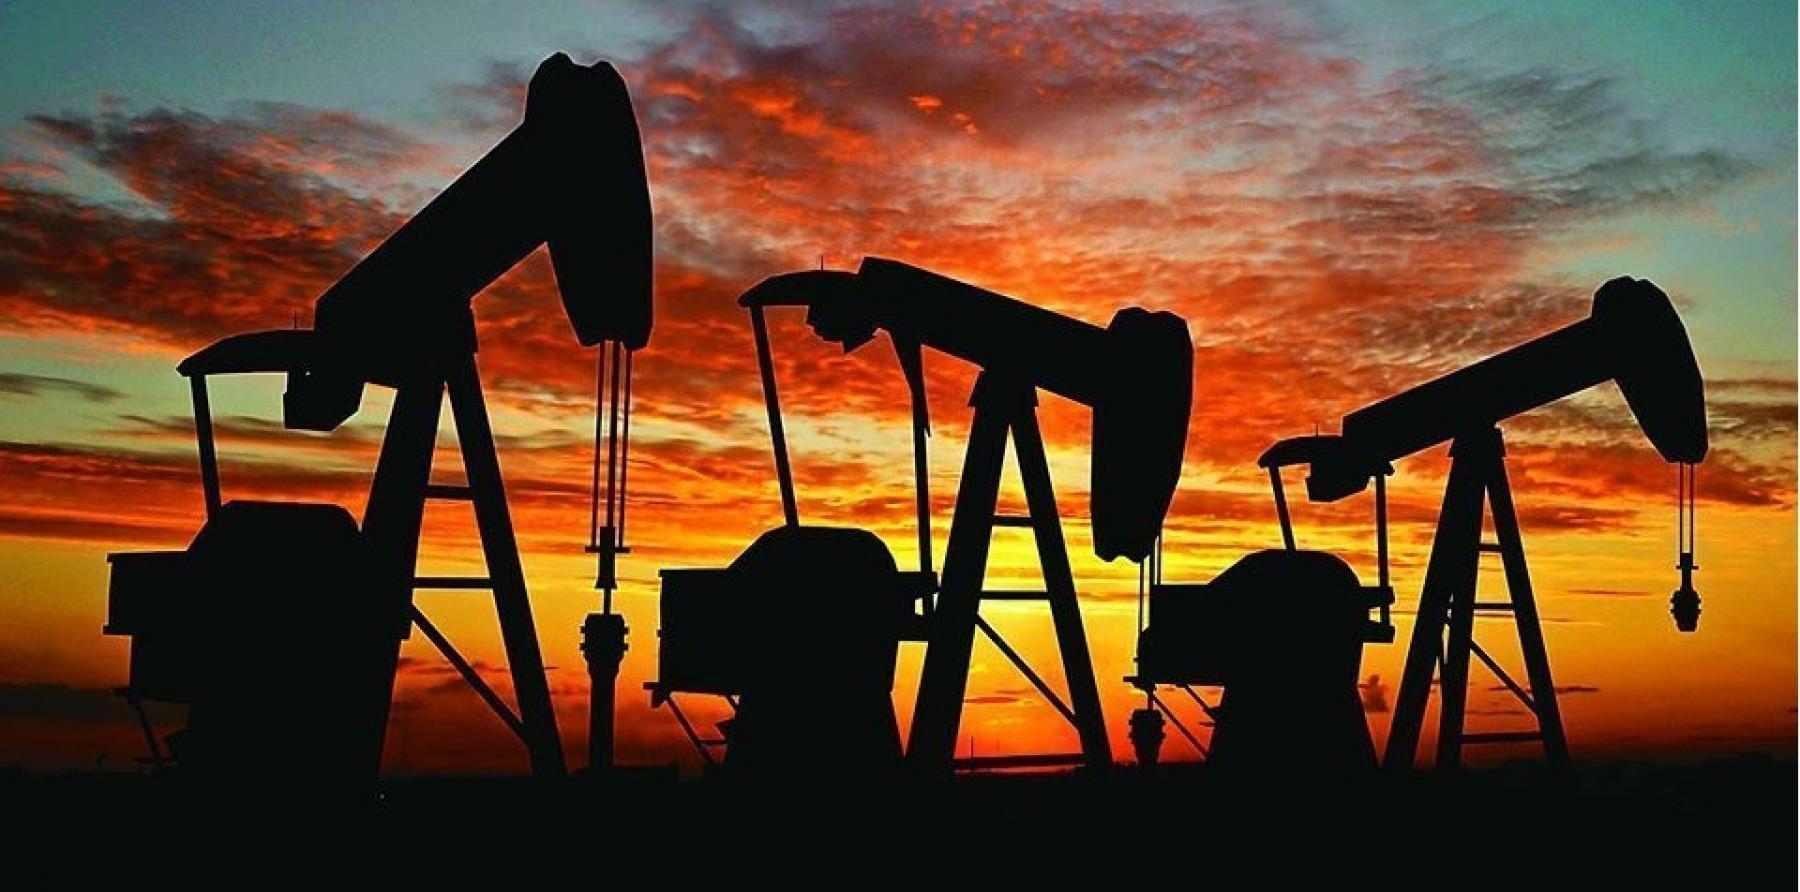 Resultados de la primera puja de 2019 por áreas petroleras en Colombia